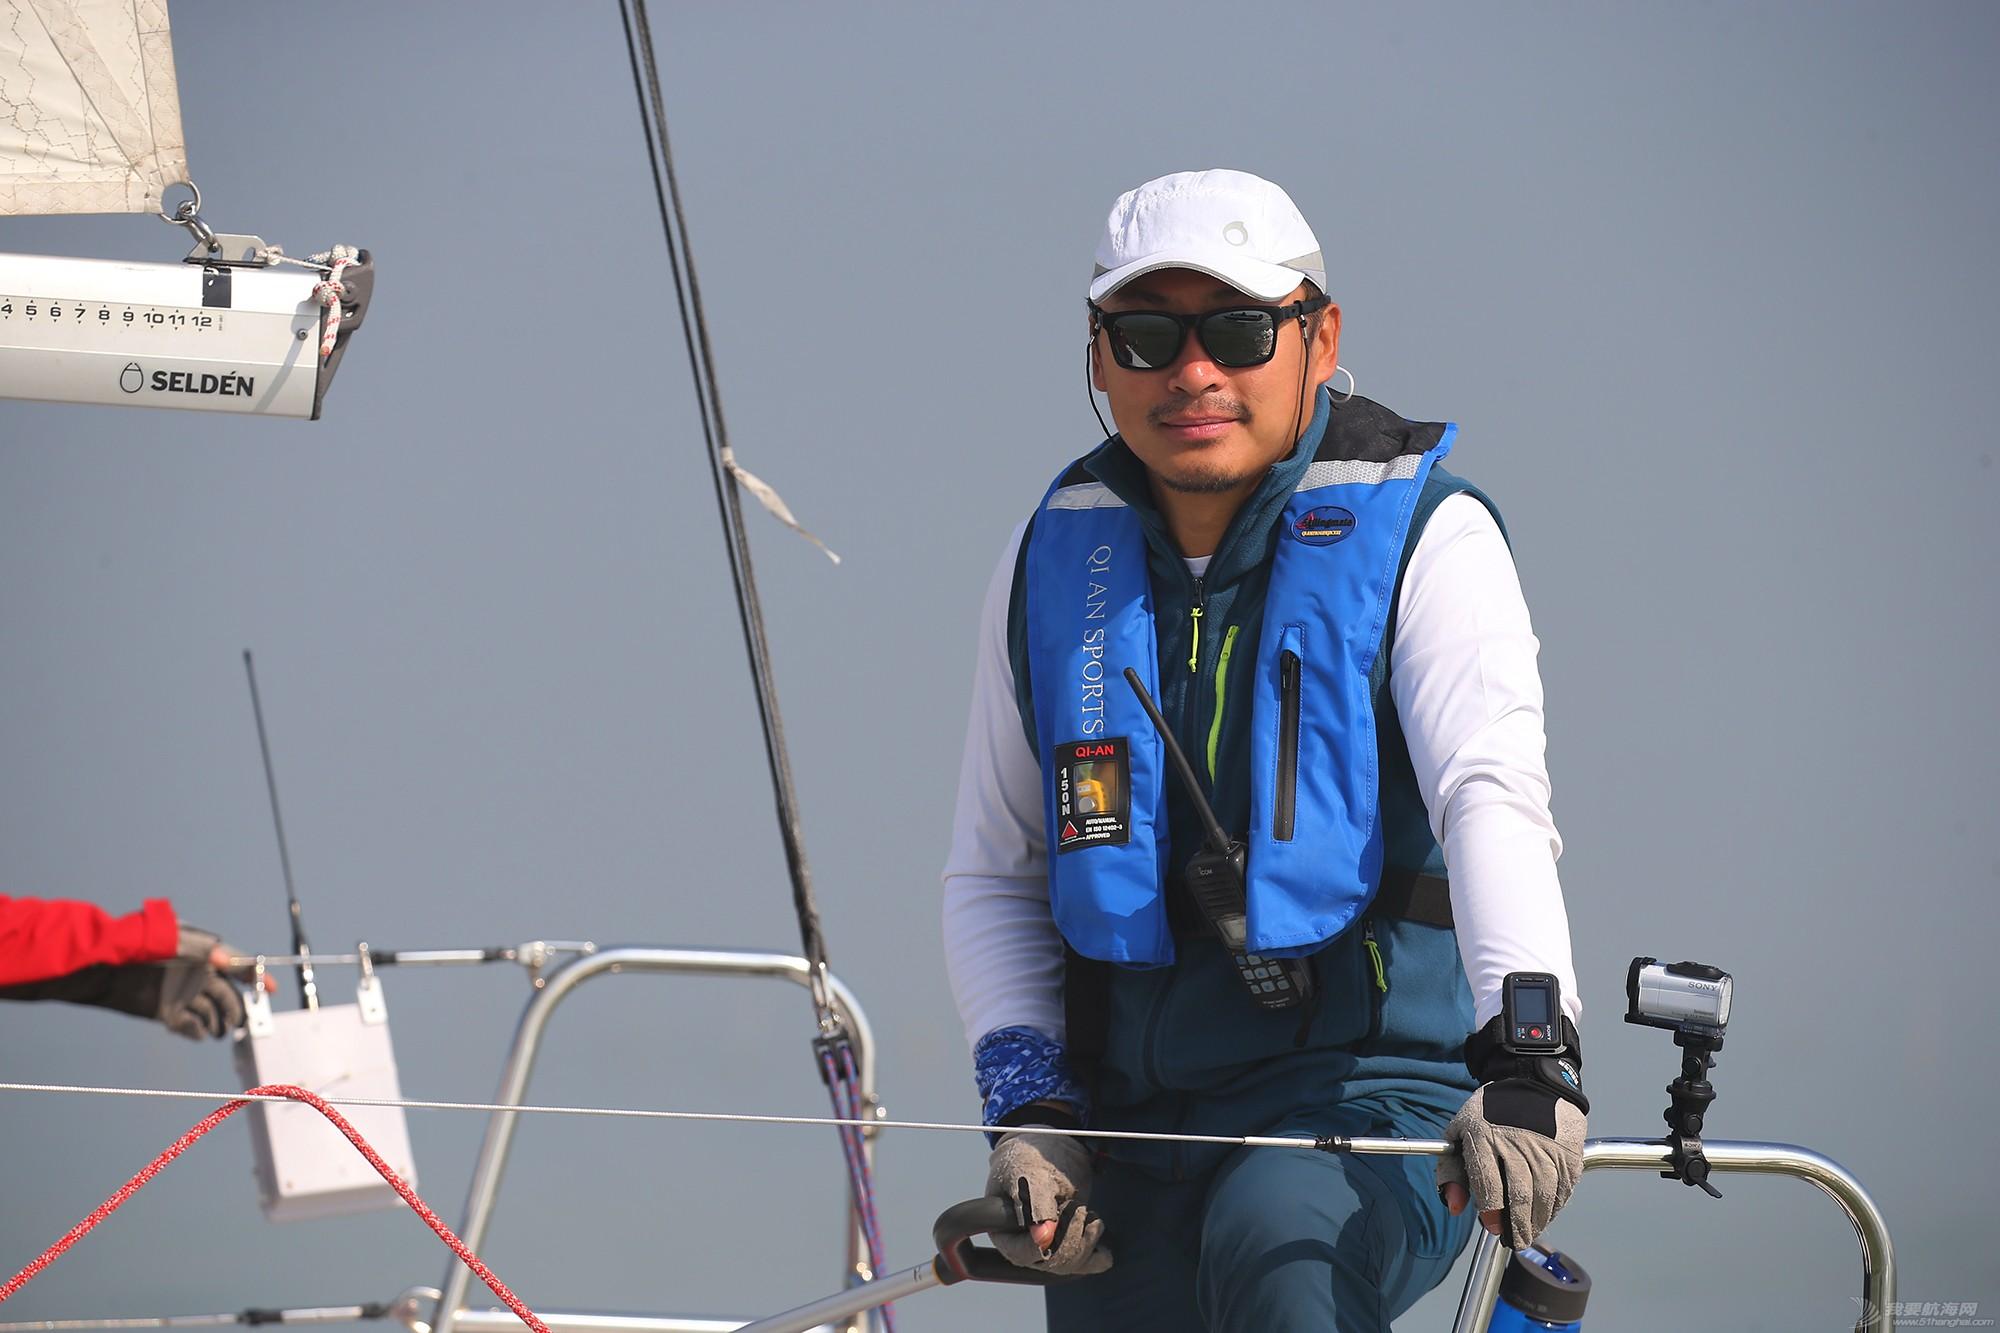 """拉力赛,帆船,太湖 2016""""菱湖湾杯""""环太湖帆船拉力赛参赛船队、船员风采 E78W0794.JPG"""